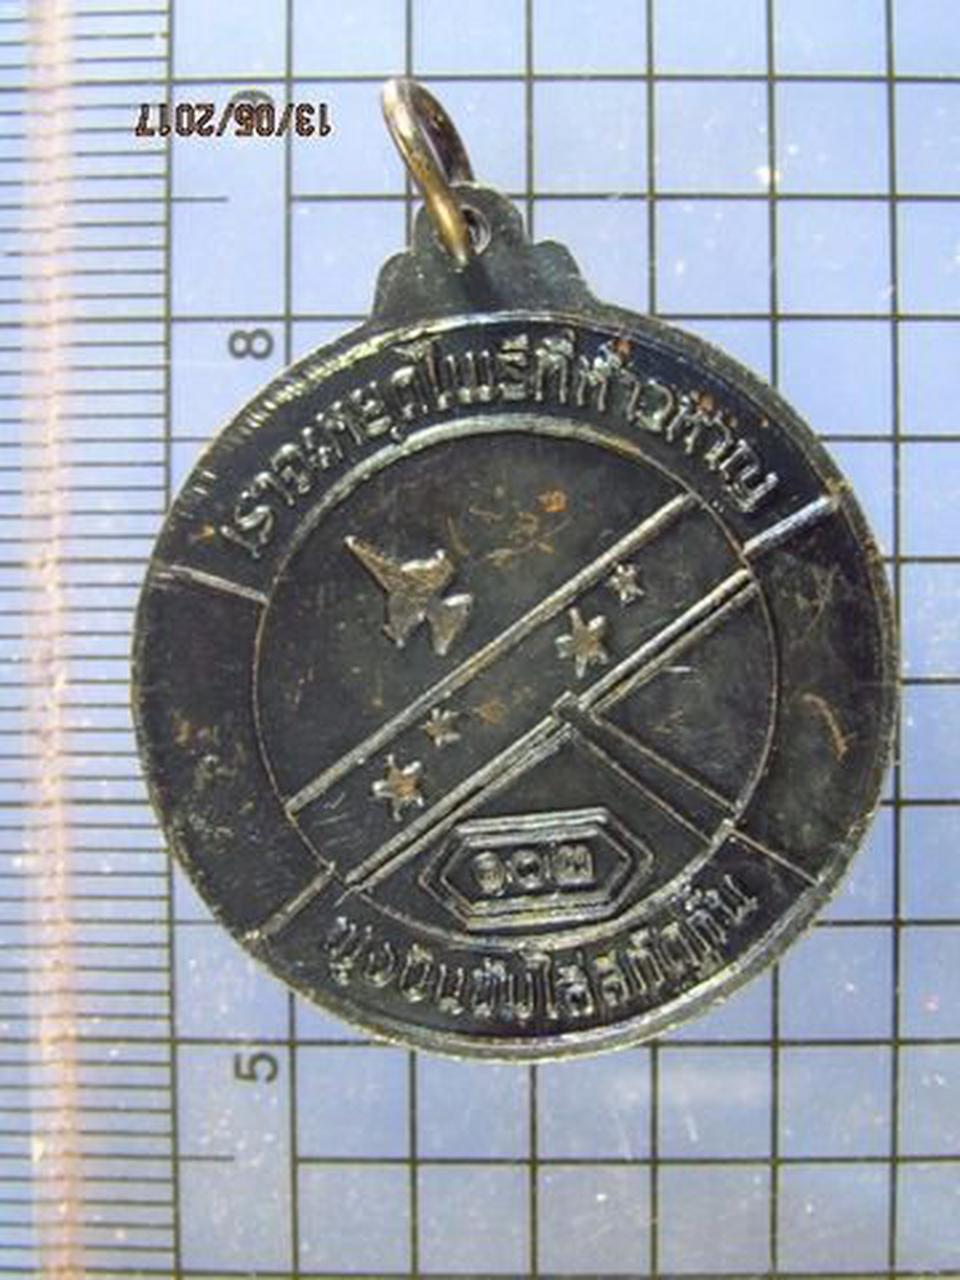 4349 เหรียญหลวงพ่อคูณ วัดบ้านไร่ ปี 2553 รุ่นมหาเมตตา F-16 A รูปที่ 2